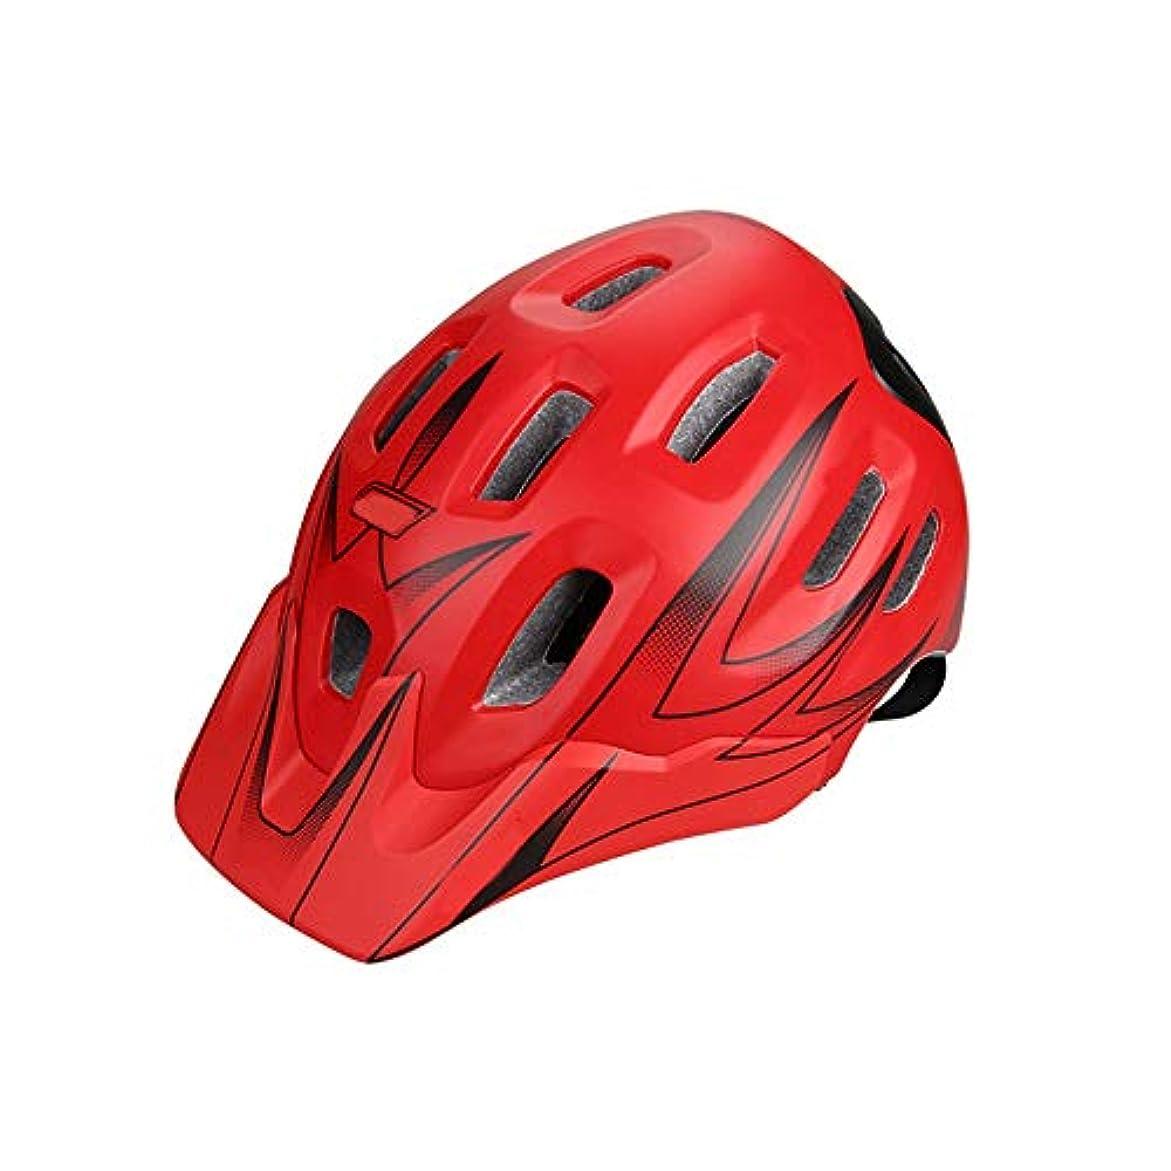 ジョブマウンド励起QRY 自転車レースヘルメットスーパーシックマウンテンバイク換気通気性ヘルメットユニセックス 幸せな生活 (色 : Red)